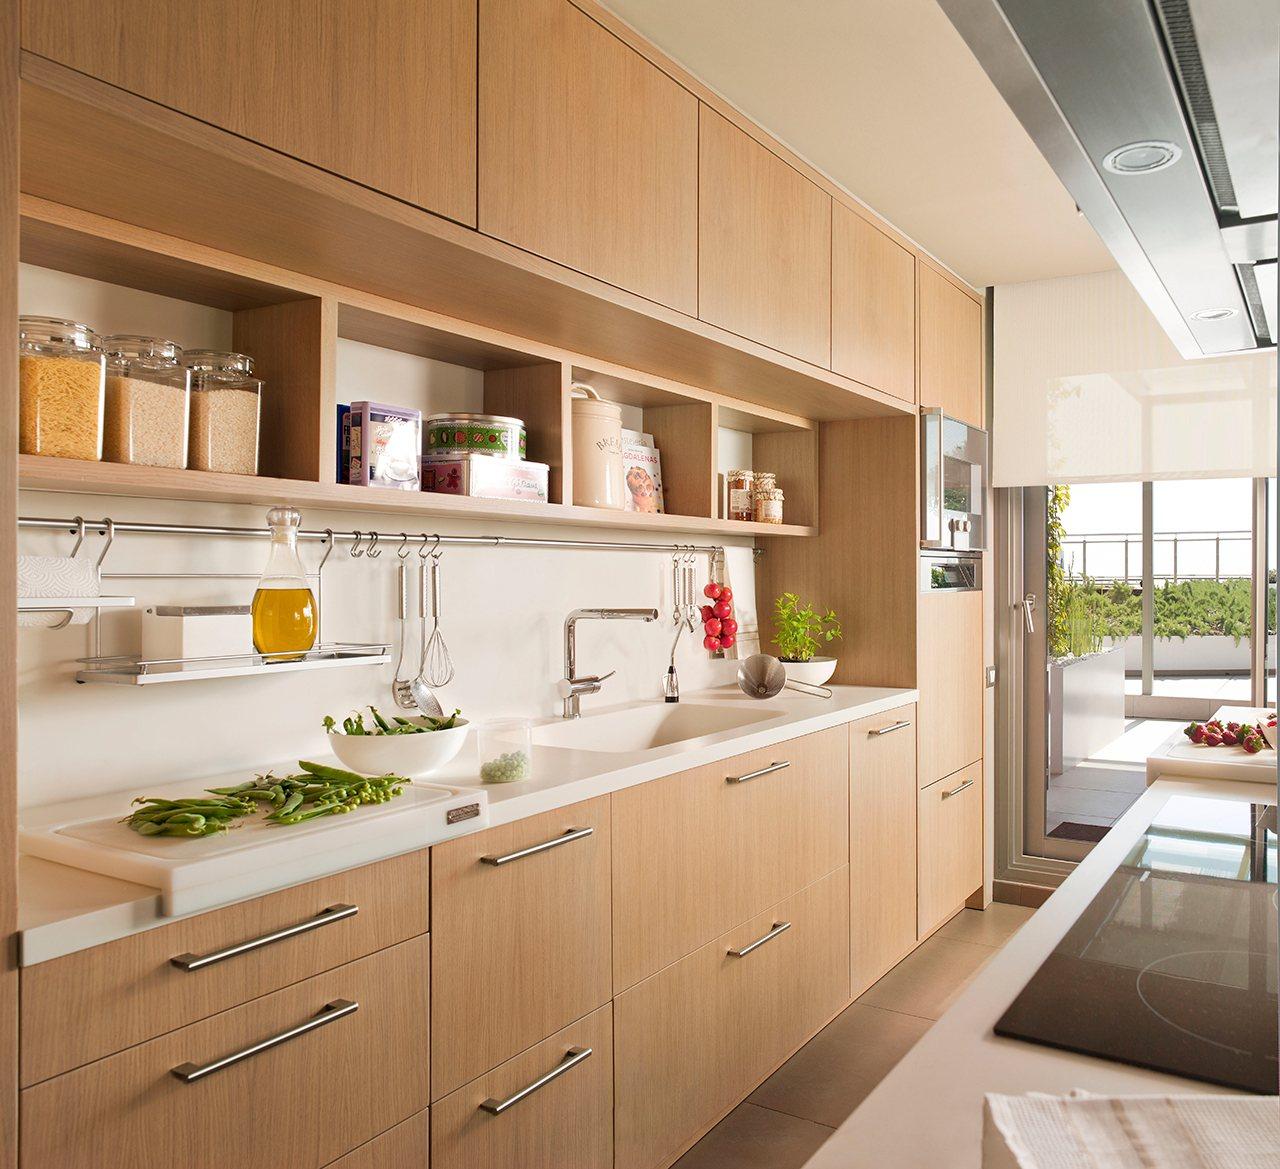 Ideas para aprovechar el espacio en las cocinas peque as for Severino muebles cocina alacena melamina blanca